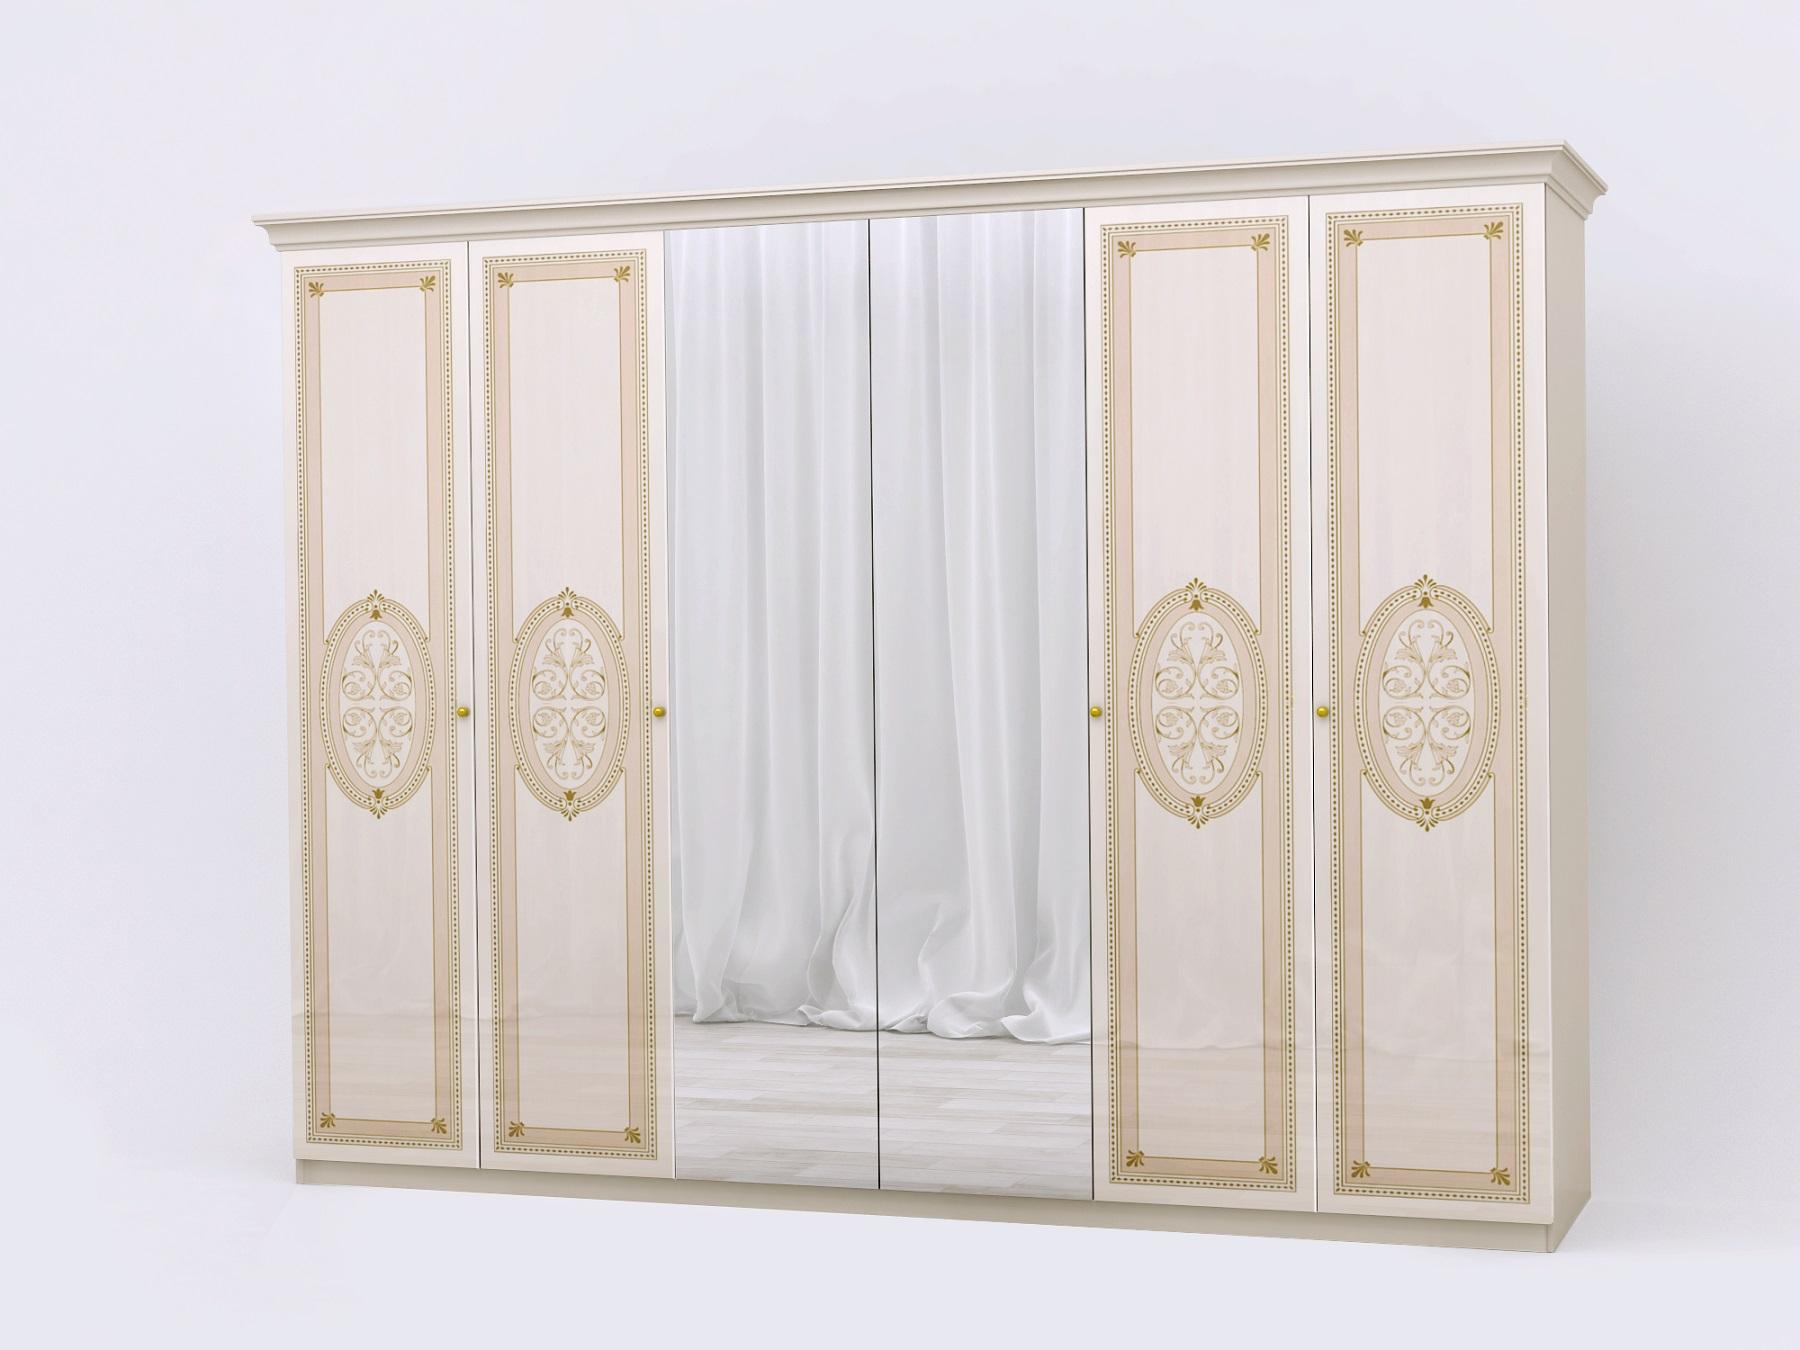 Schlafzimmer lana walnuss klassisch barock stilm bel for Schlafzimmer klassisch